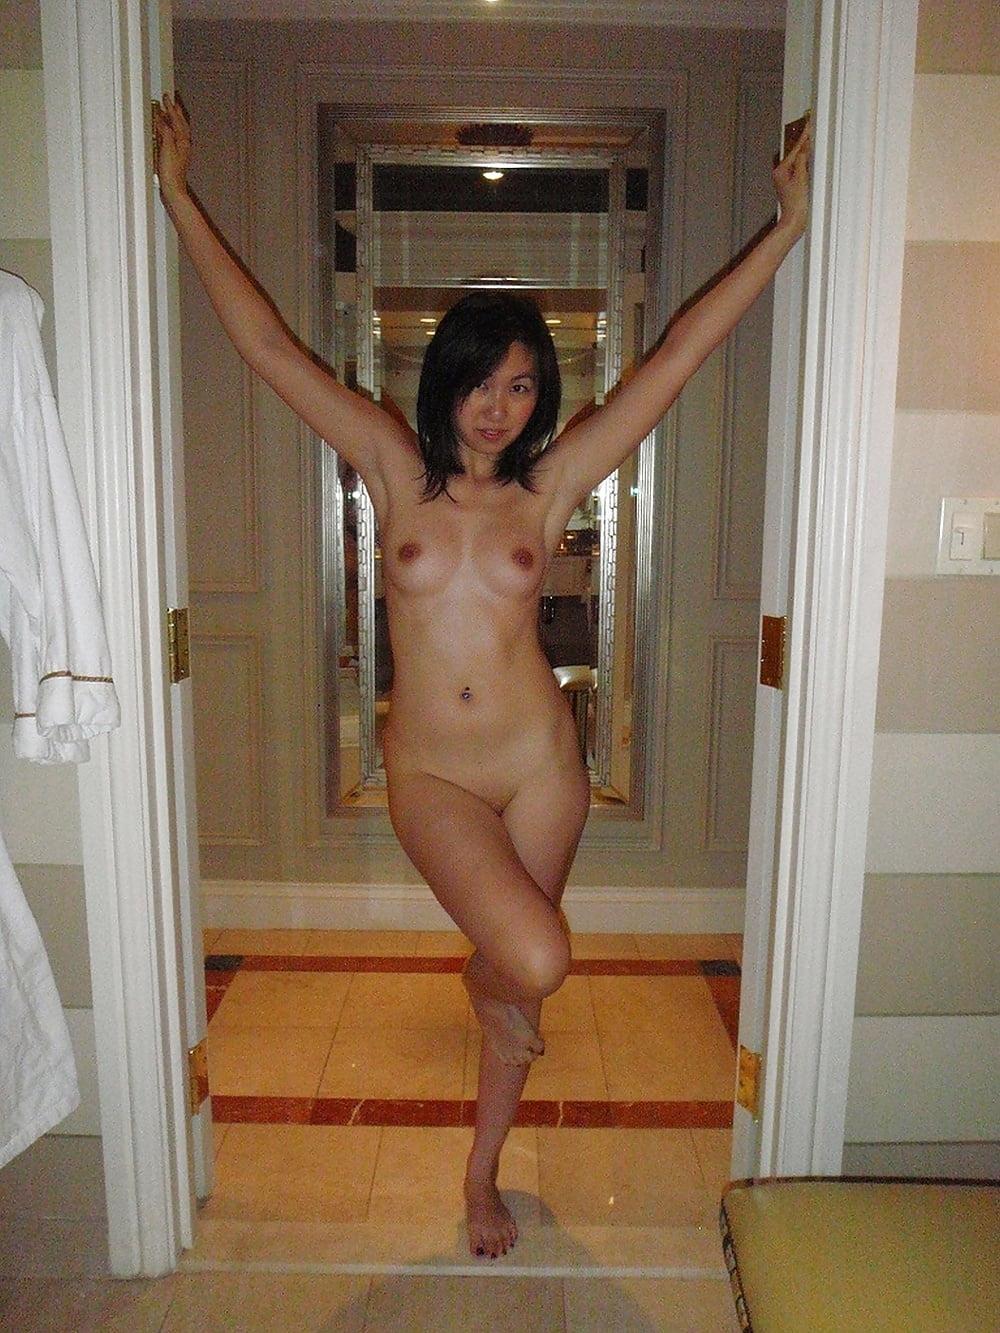 アジアン美女の乱交セックス画像 3